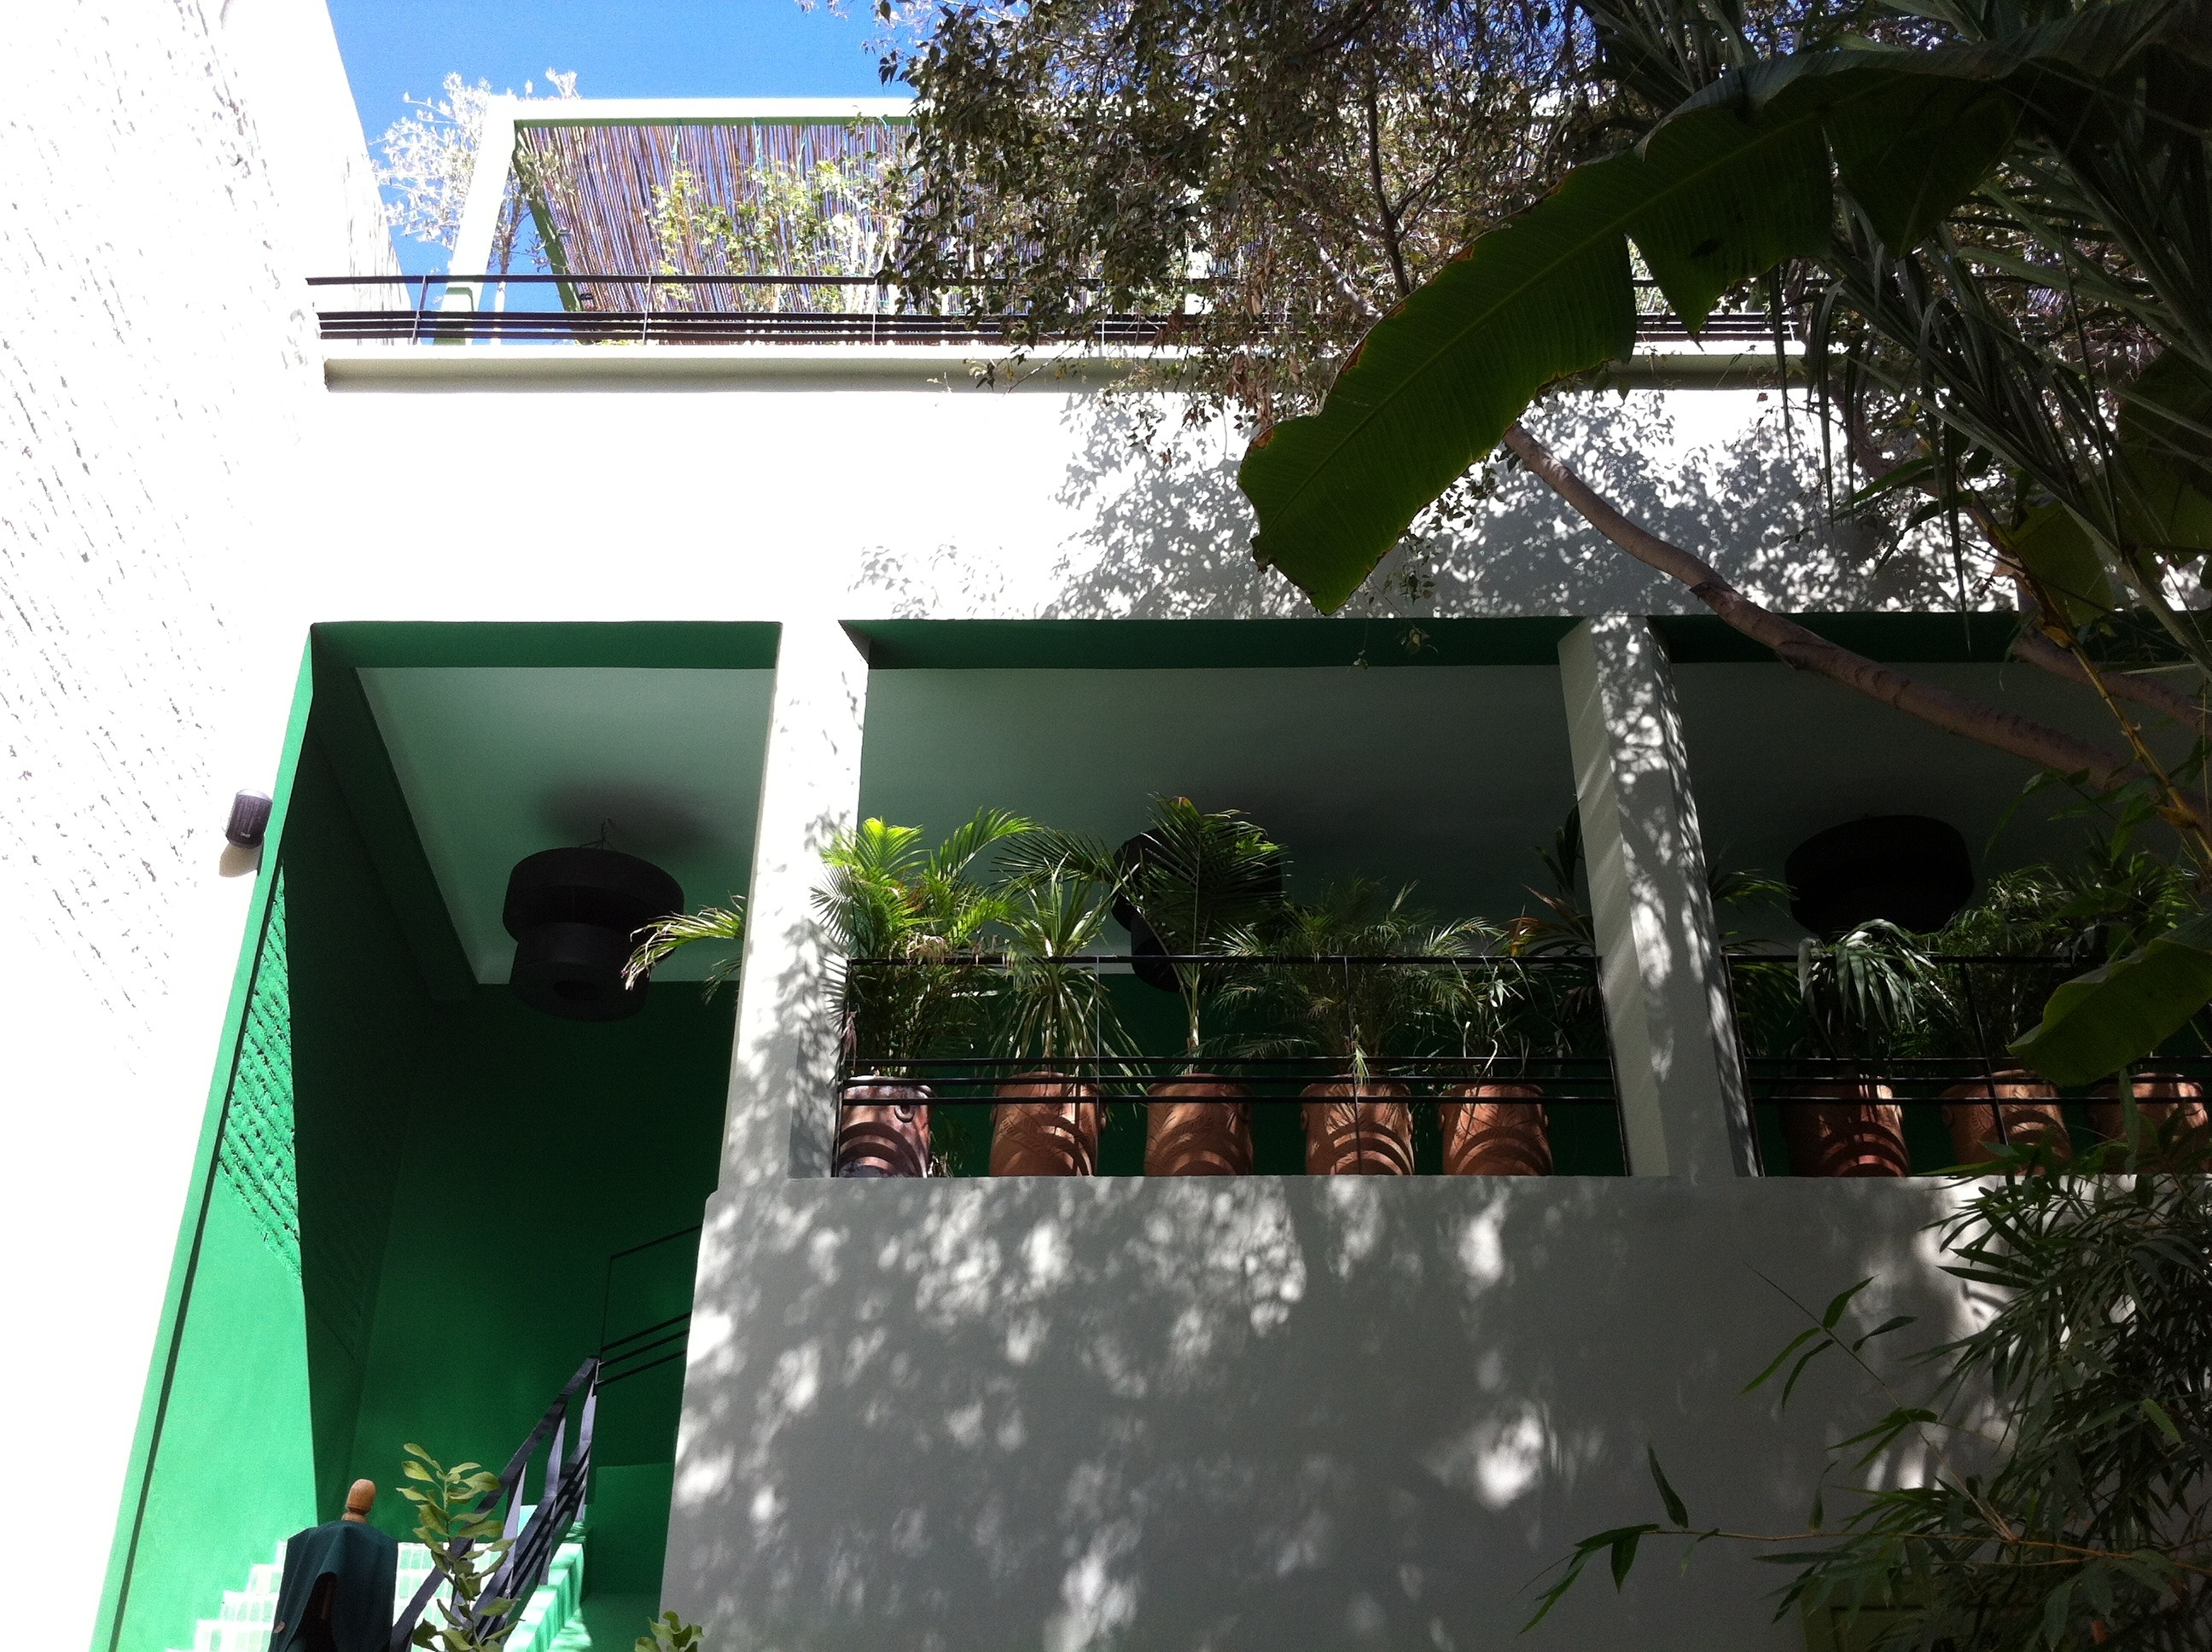 Le jardin des pices le nouveau restaurant green for Cafe le jardin marrakech